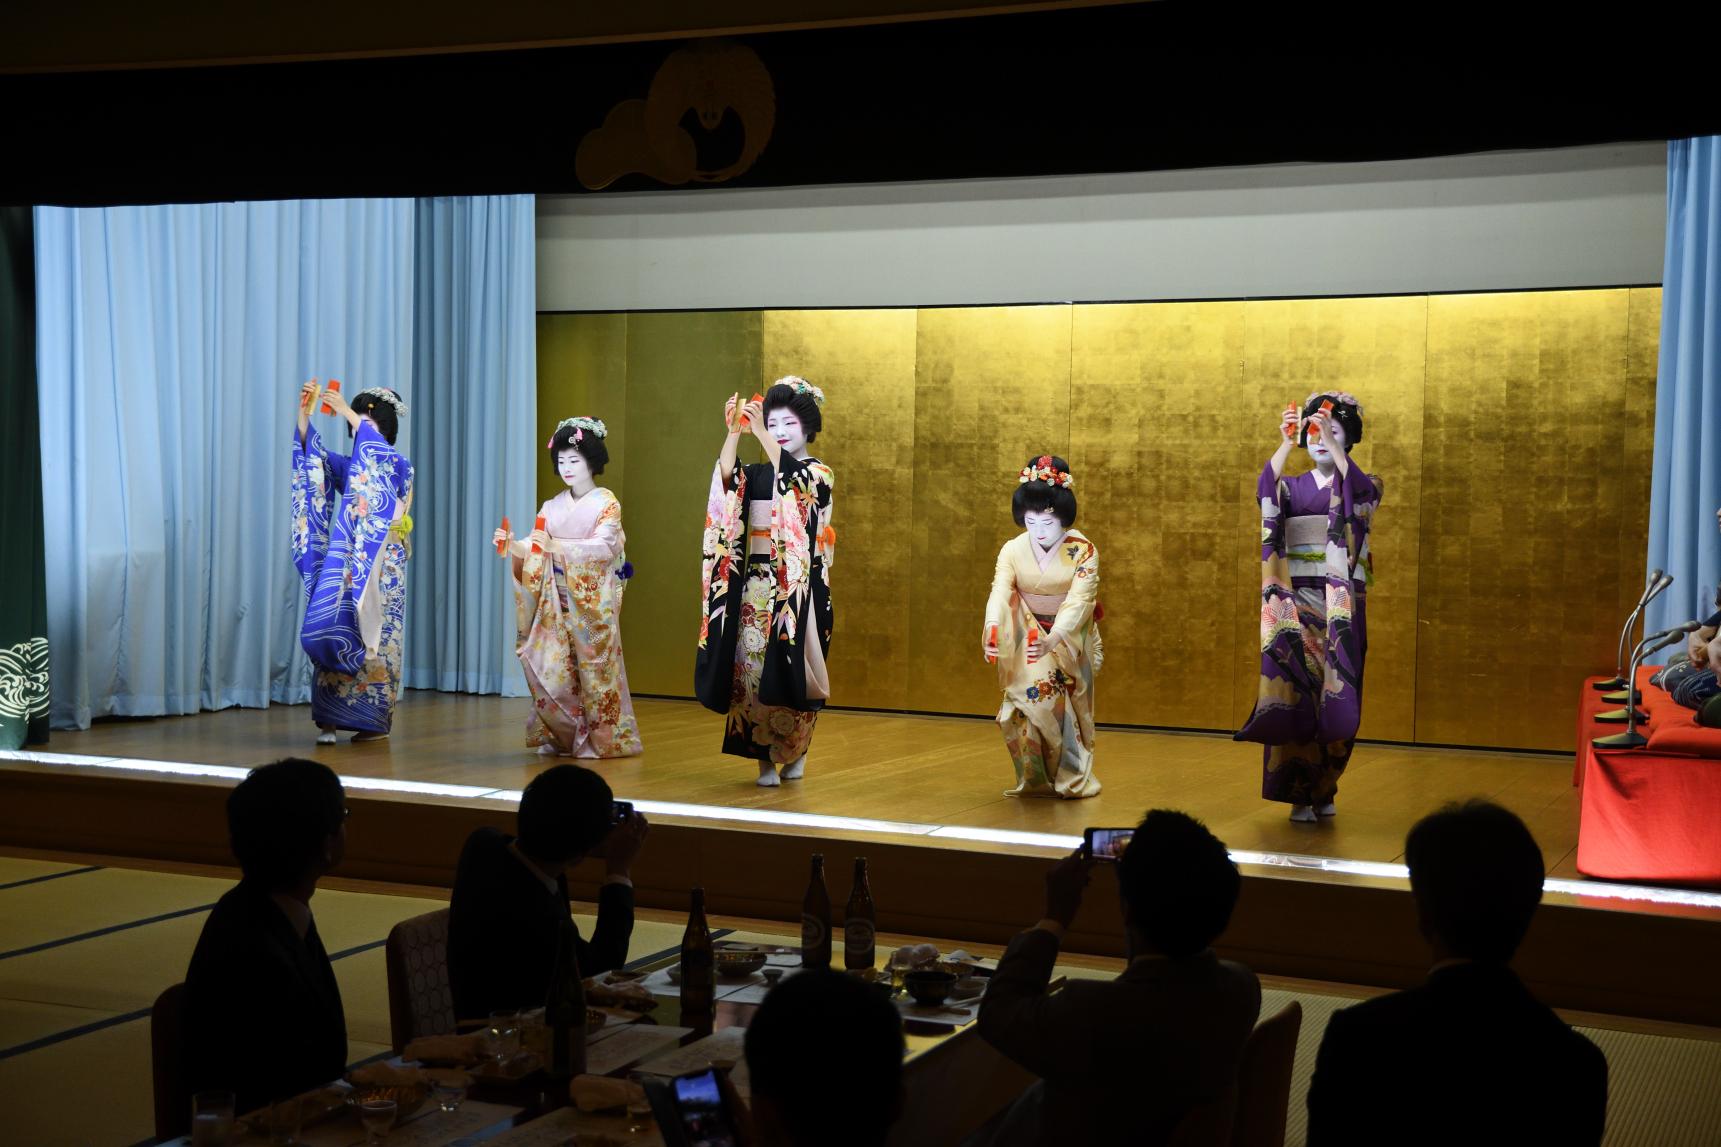 会長招宴では新潟芸妓を披露しました